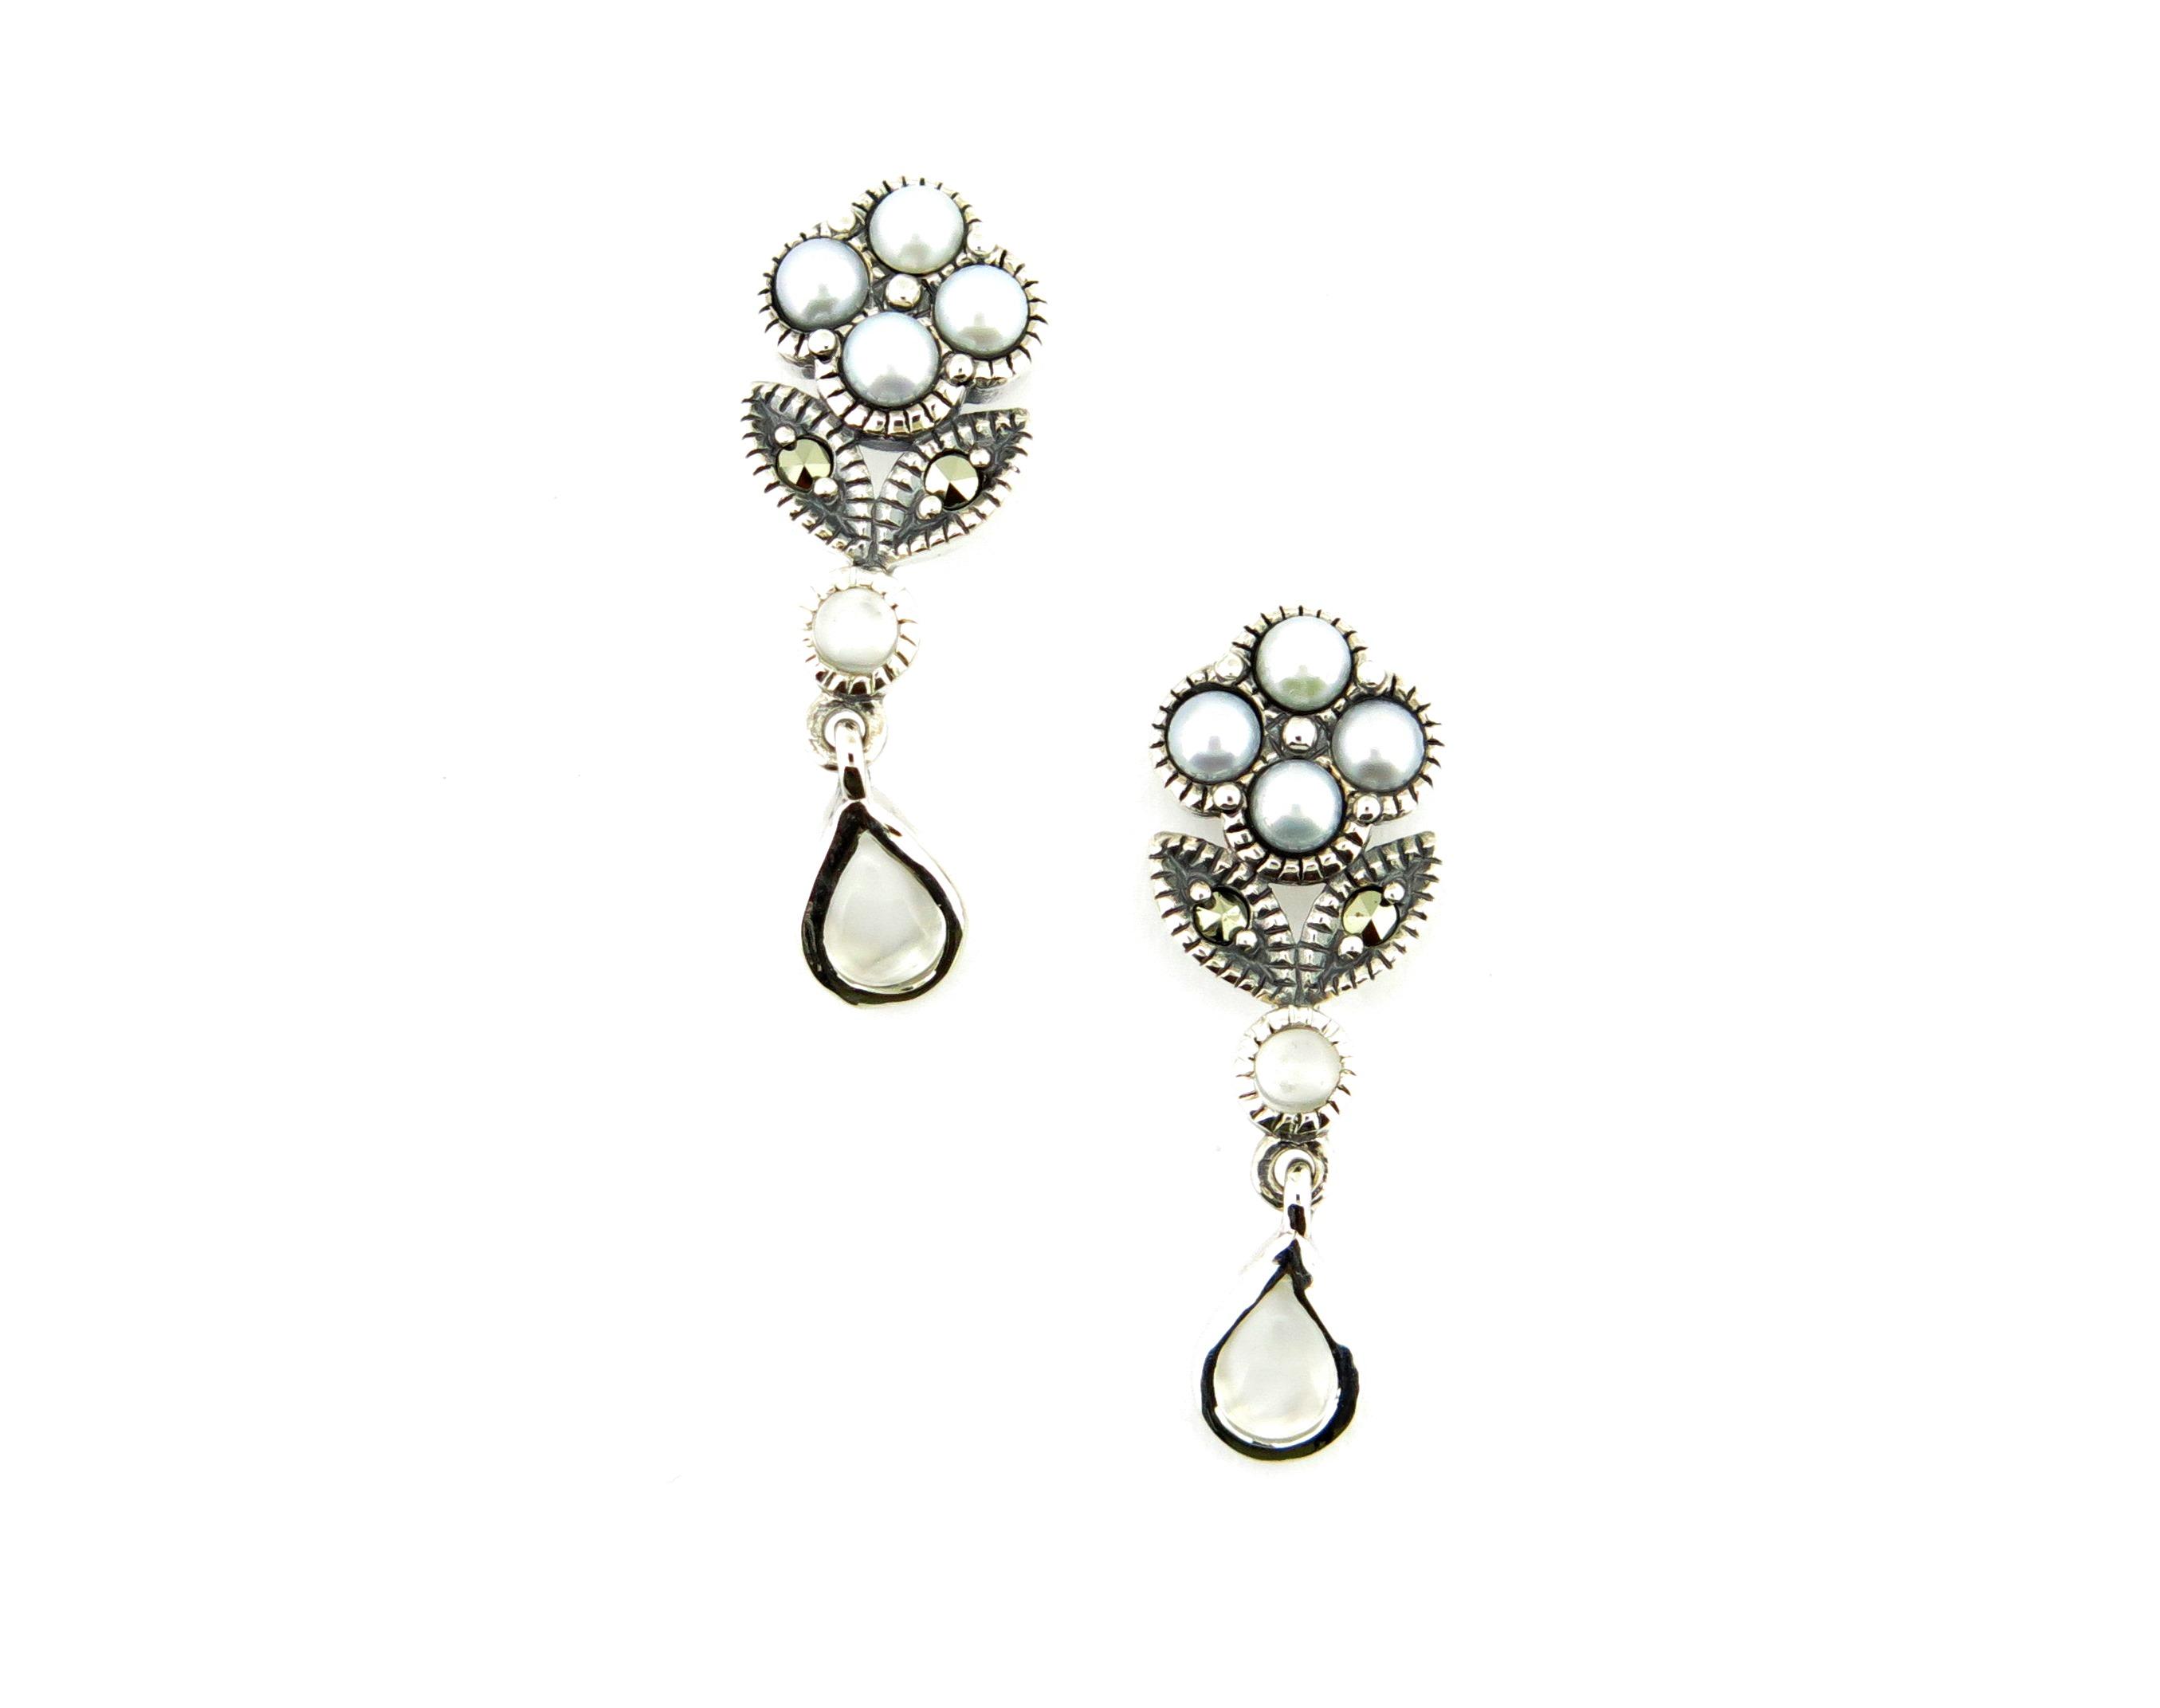 Moonstone & Seed Pearl Earrings MJ14203